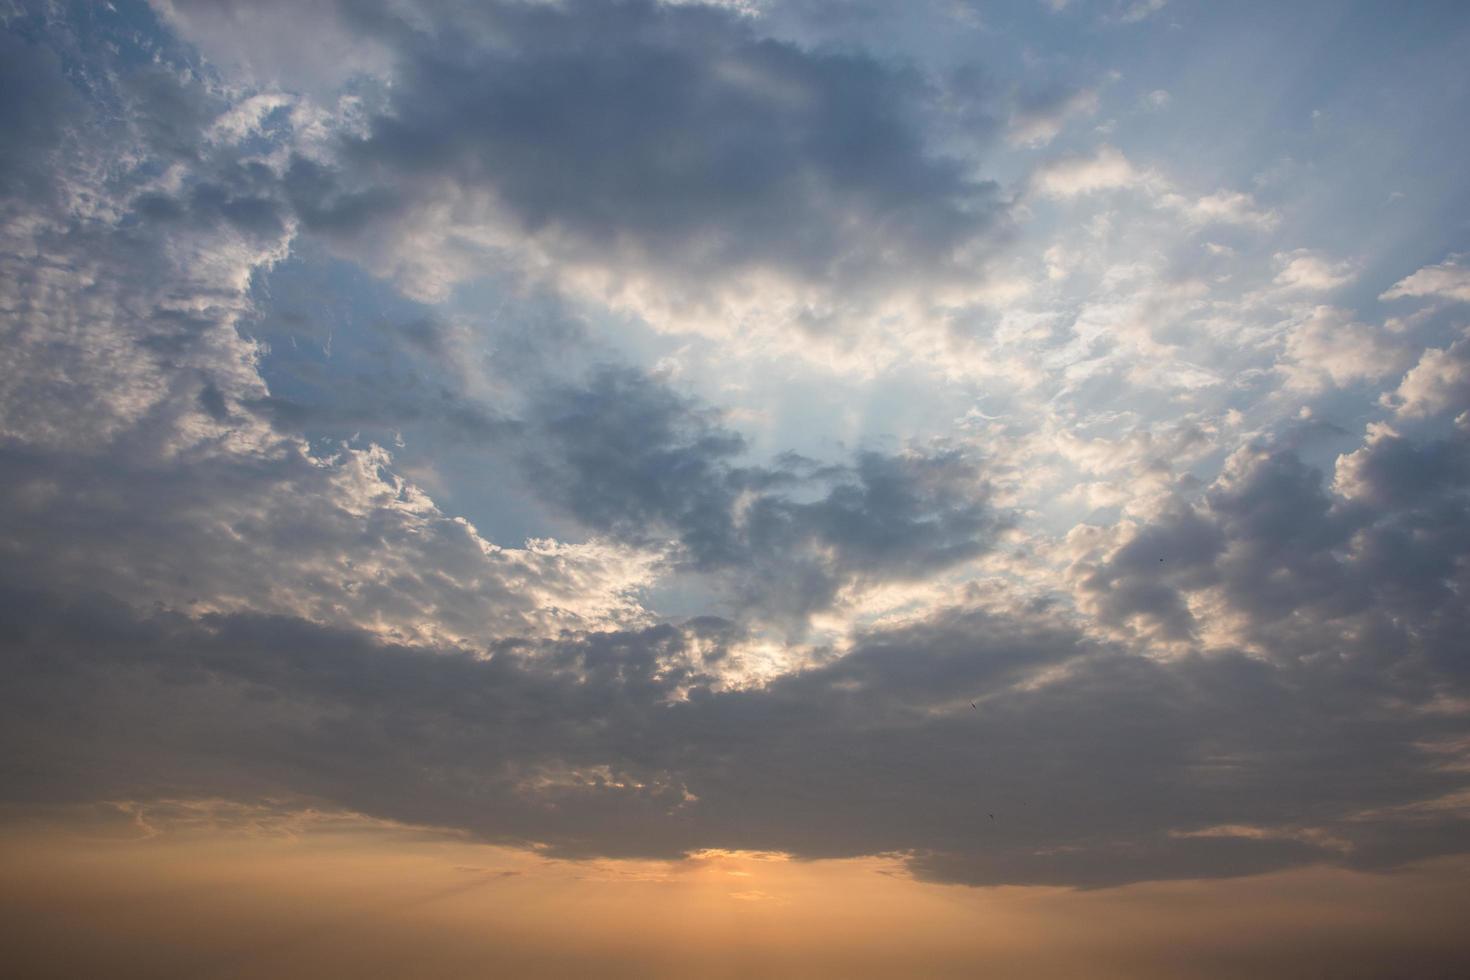 el cielo y las nubes al atardecer foto